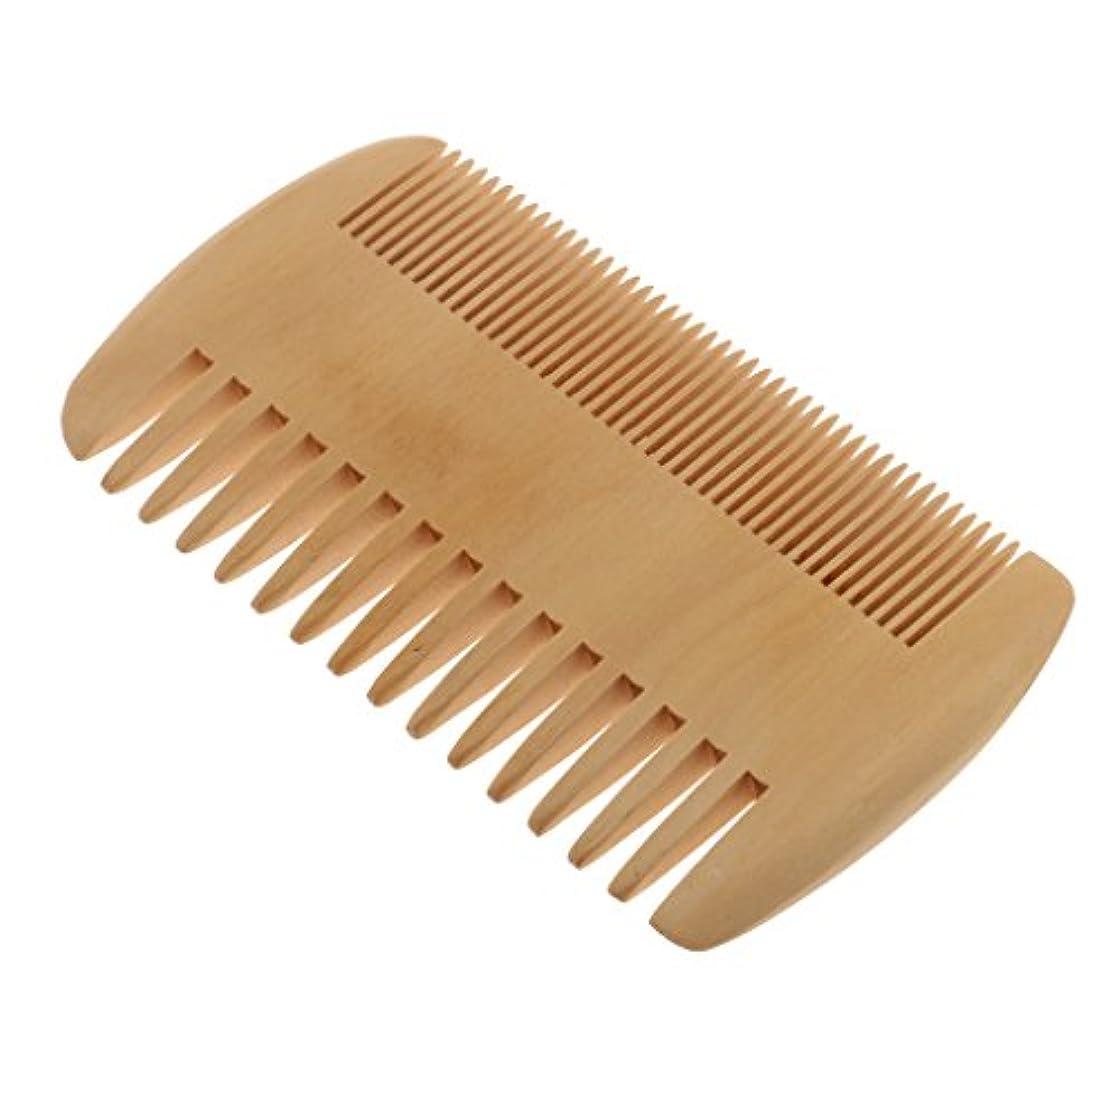 排出象ブリッジハンドメイドの自然なモモ材長いおよび短いひげのための静的なくしのポケット無し滑らかな先端の毛のマッサージのブラシ